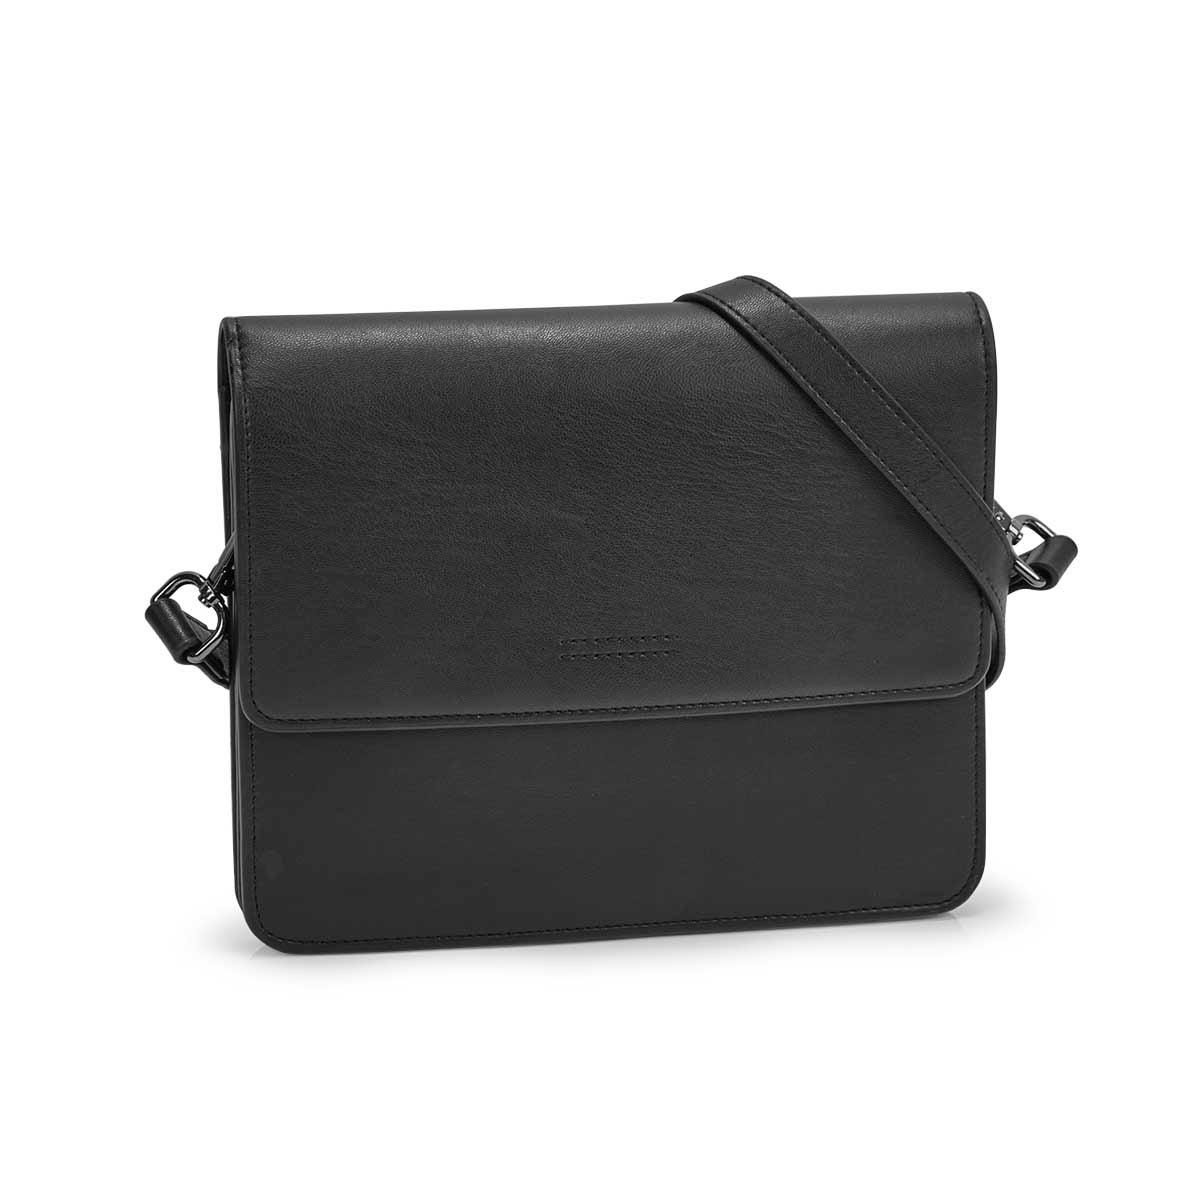 Lds Alexis black flap crossbody bag